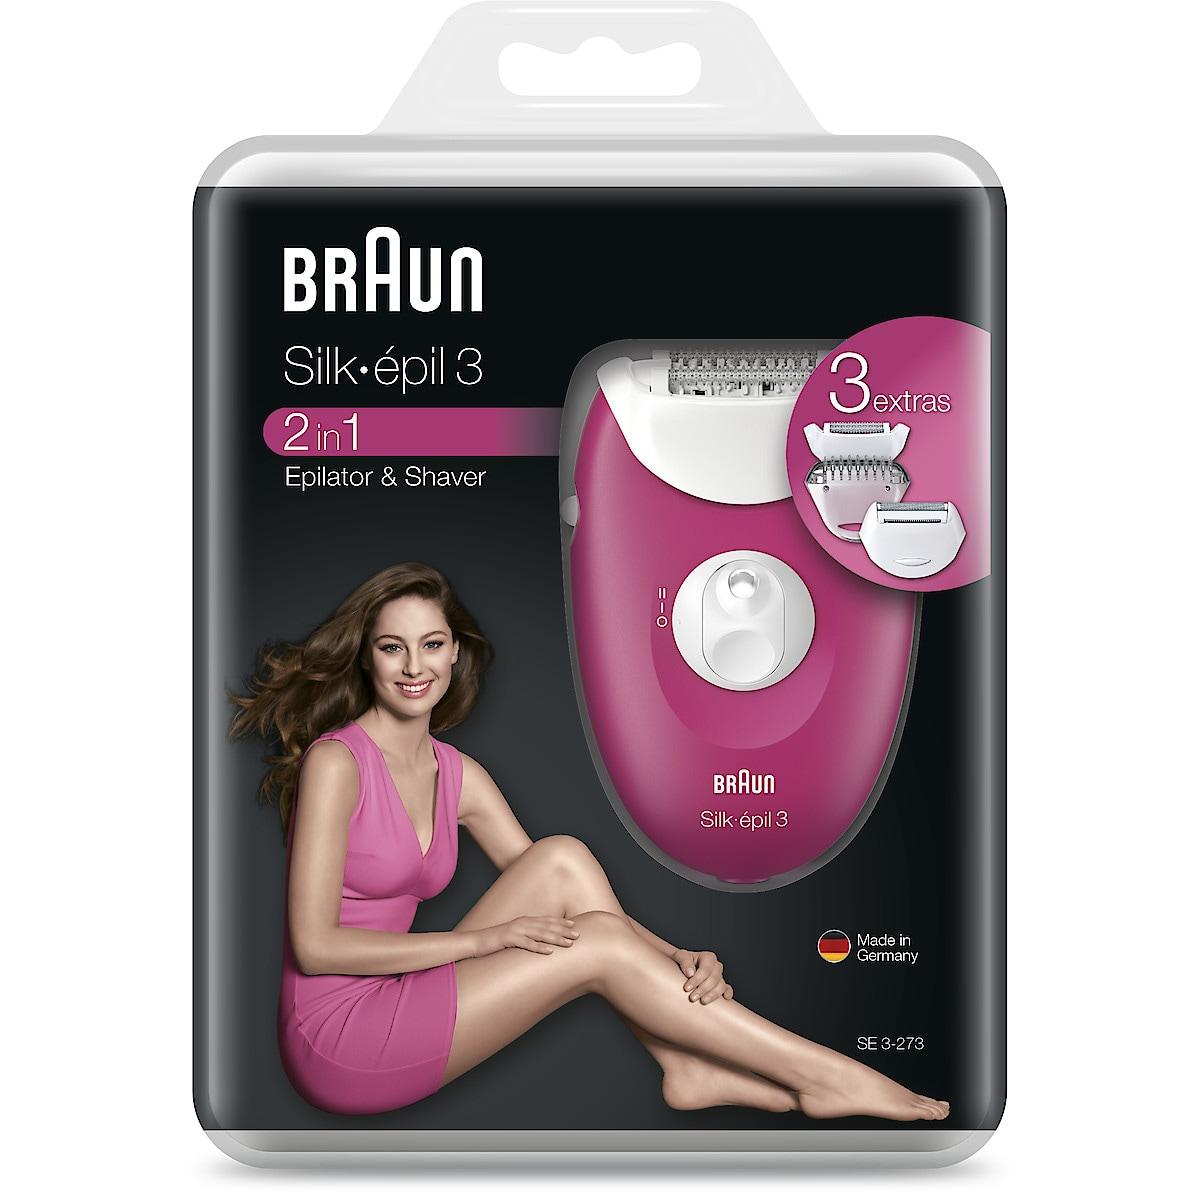 Braun Silk-épil 3, 3-273 epilator